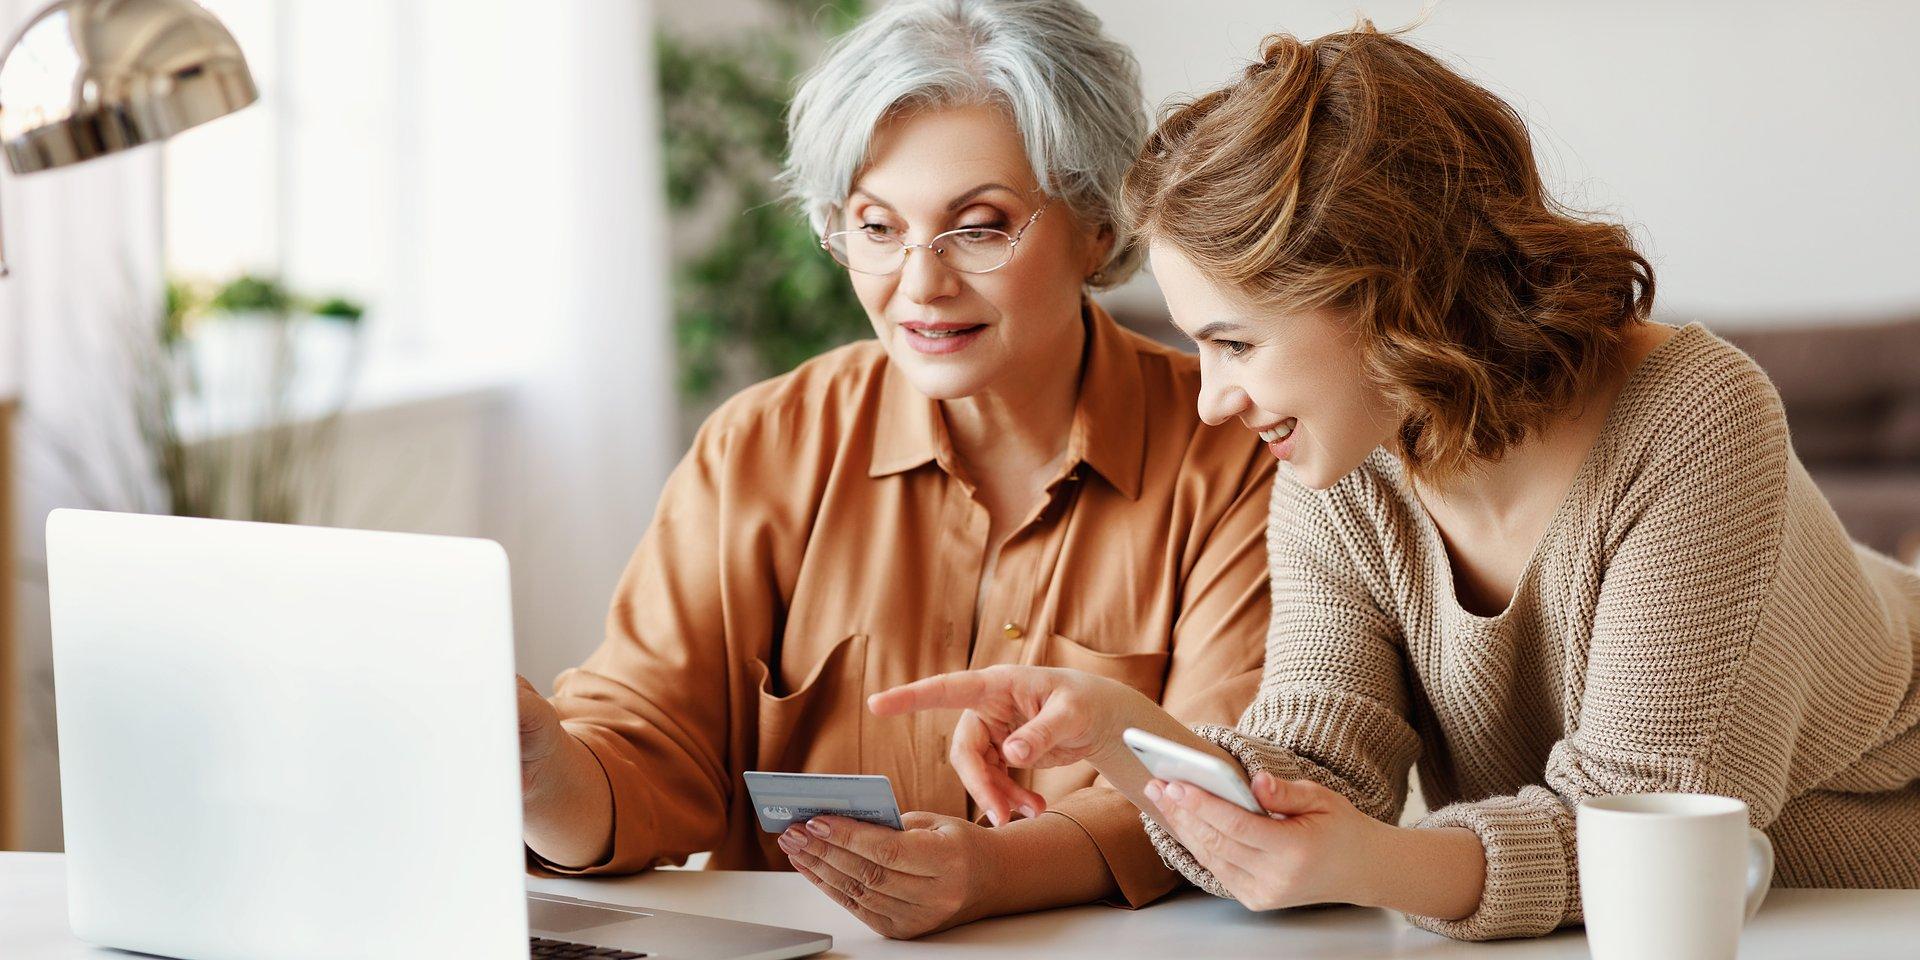 Jesteś fanem zakupów online? Dołącz do Festiwalu Cyfryzacji i poczuj moc cyfrowych zniżek